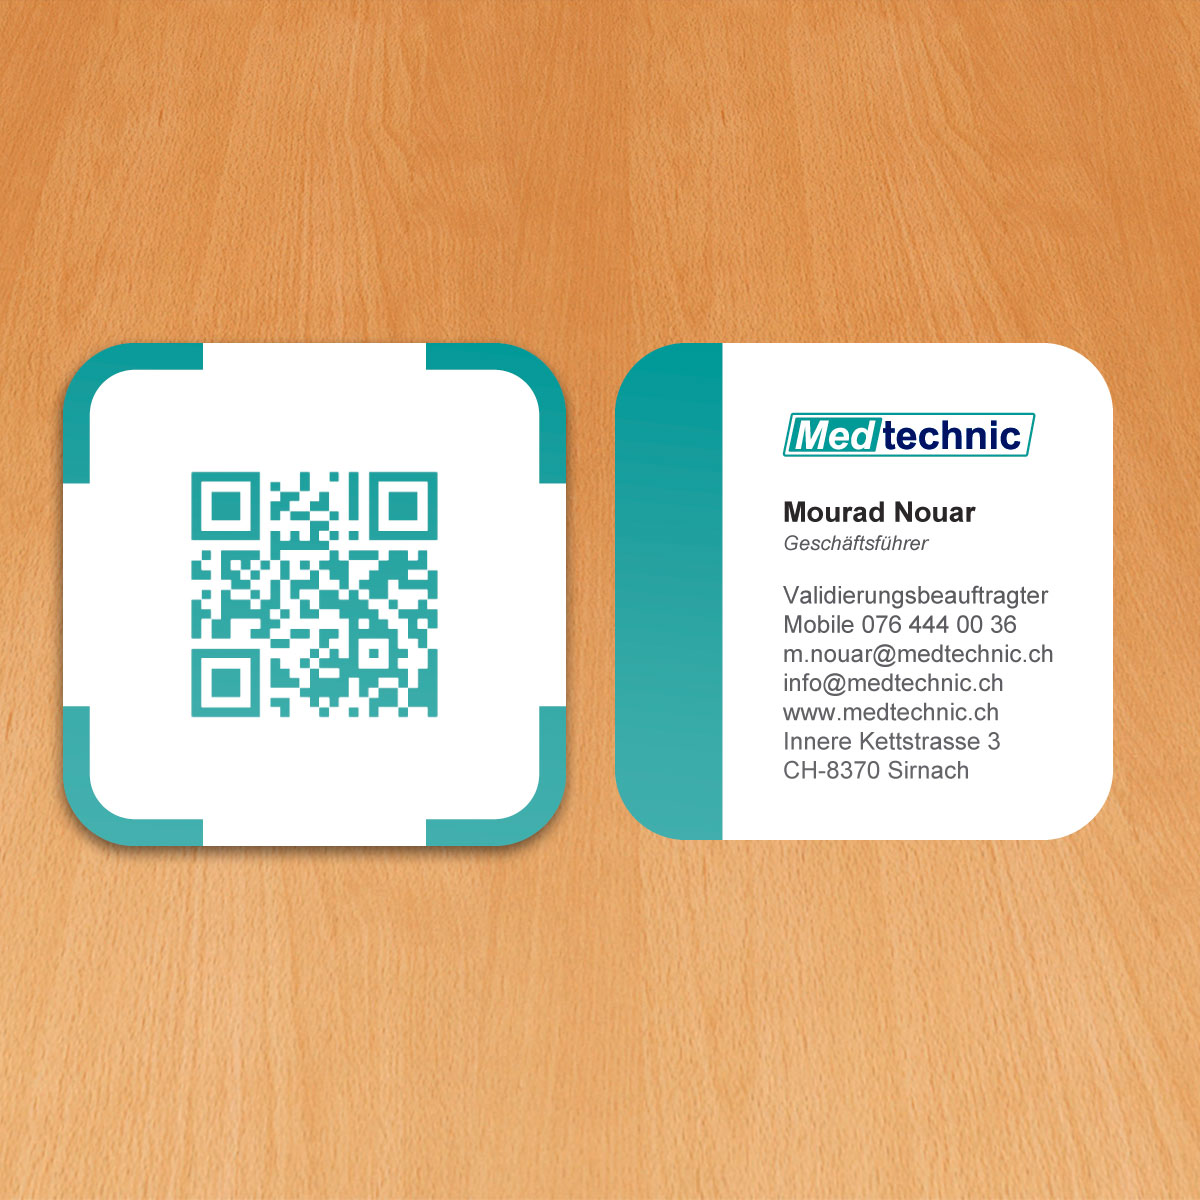 Diseño de tarjetas de visita para Medtechnic, una empresa distribuidora de materiales médicos en Suiza